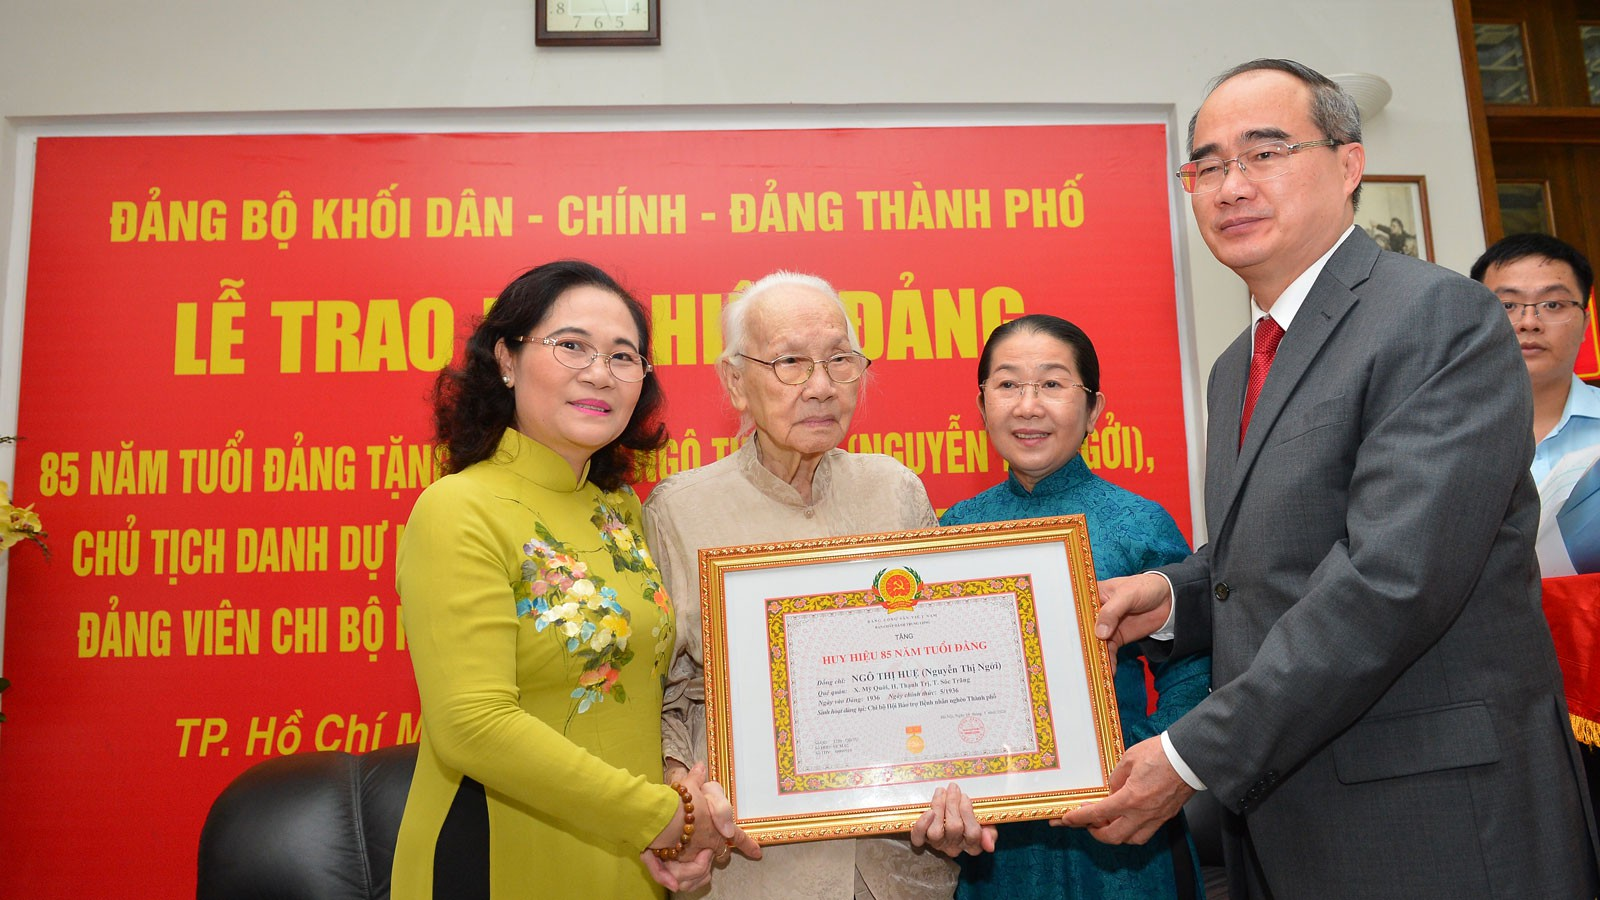 Trao Huy hiệu 85 tuổi Đảng tặng phu nhân Tổng Bí thư Nguyễn Văn Linh